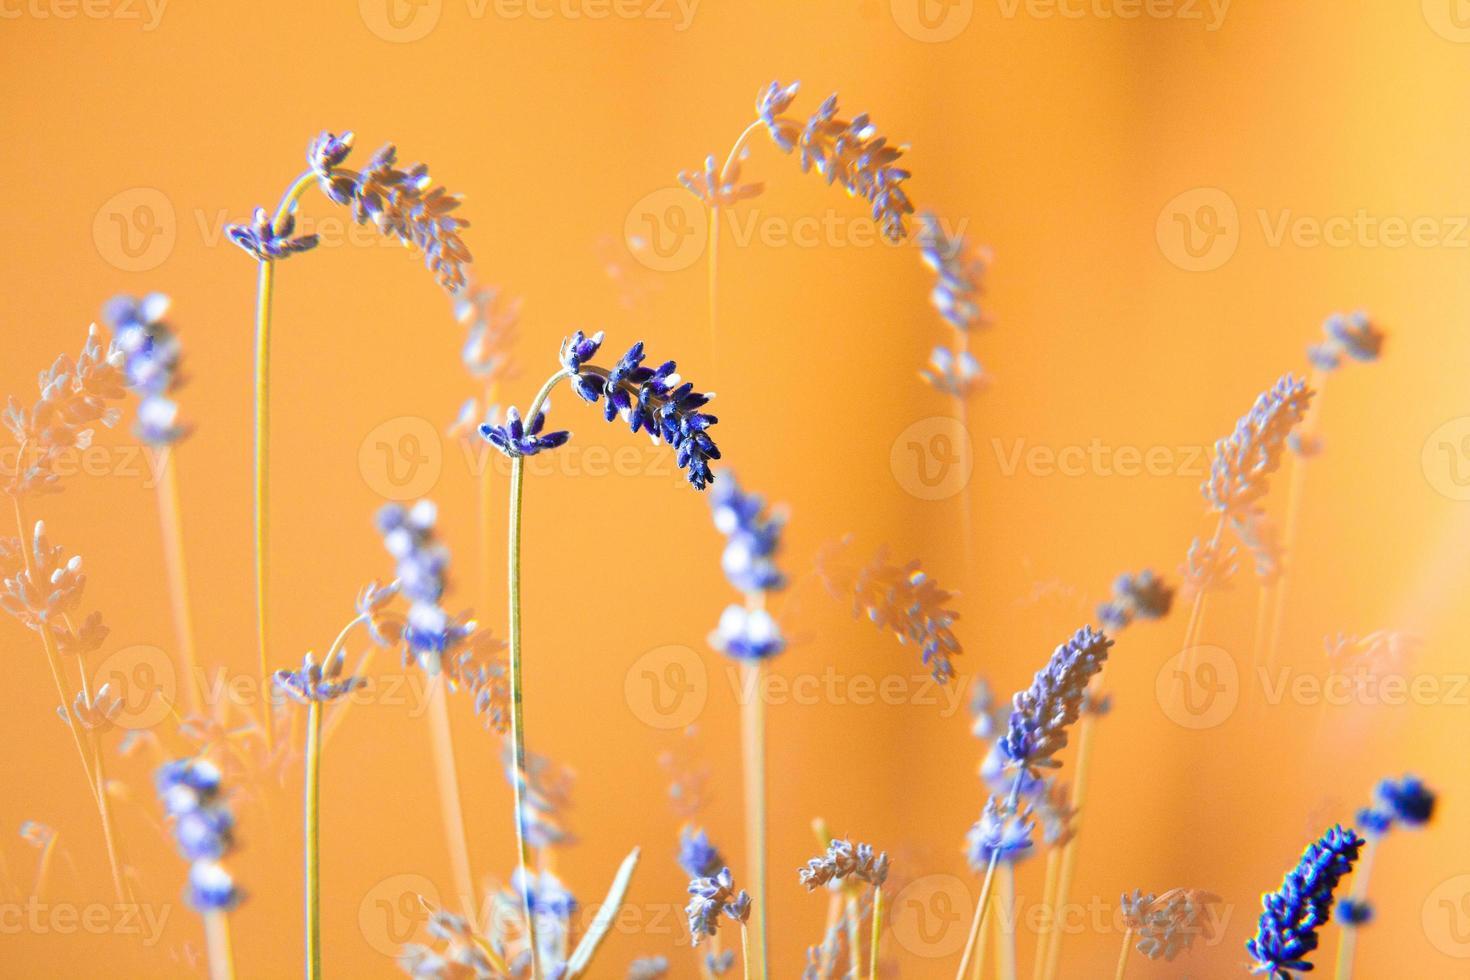 fiori di lavanda foto